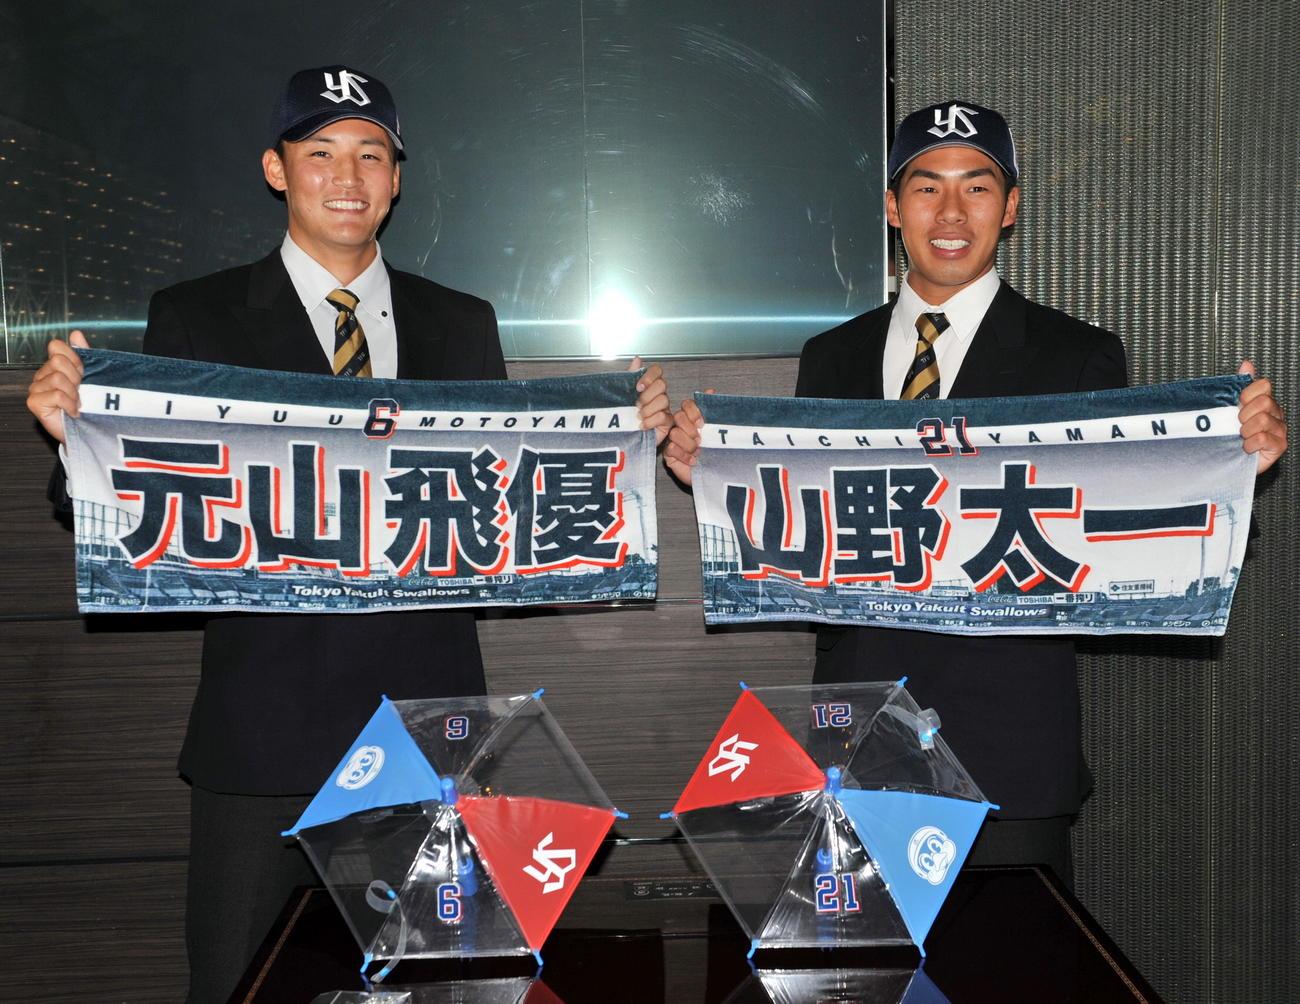 ヤクルトと仮契約をかわした元山(左)と山野の東北福祉大コンビは球団オリジナルタオルを手に活躍を誓う